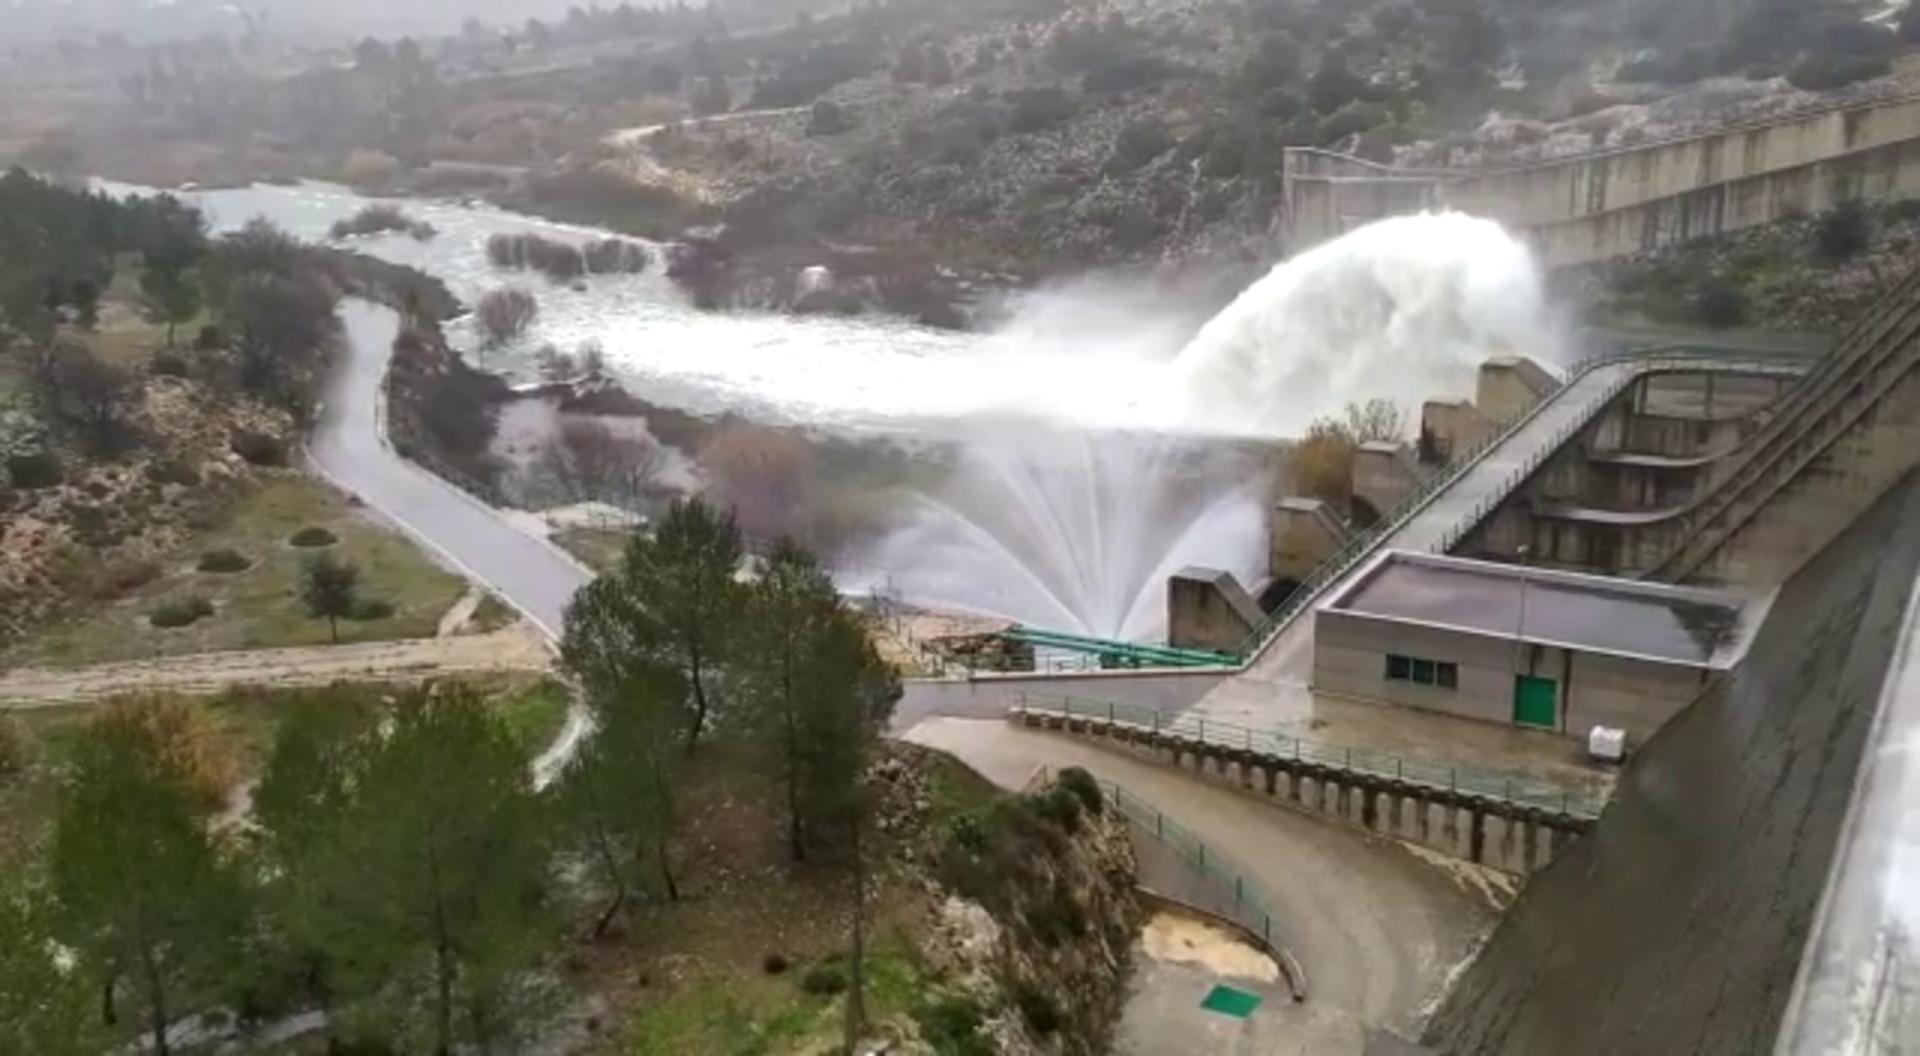 La presa de Bellús ya no puede contener más agua